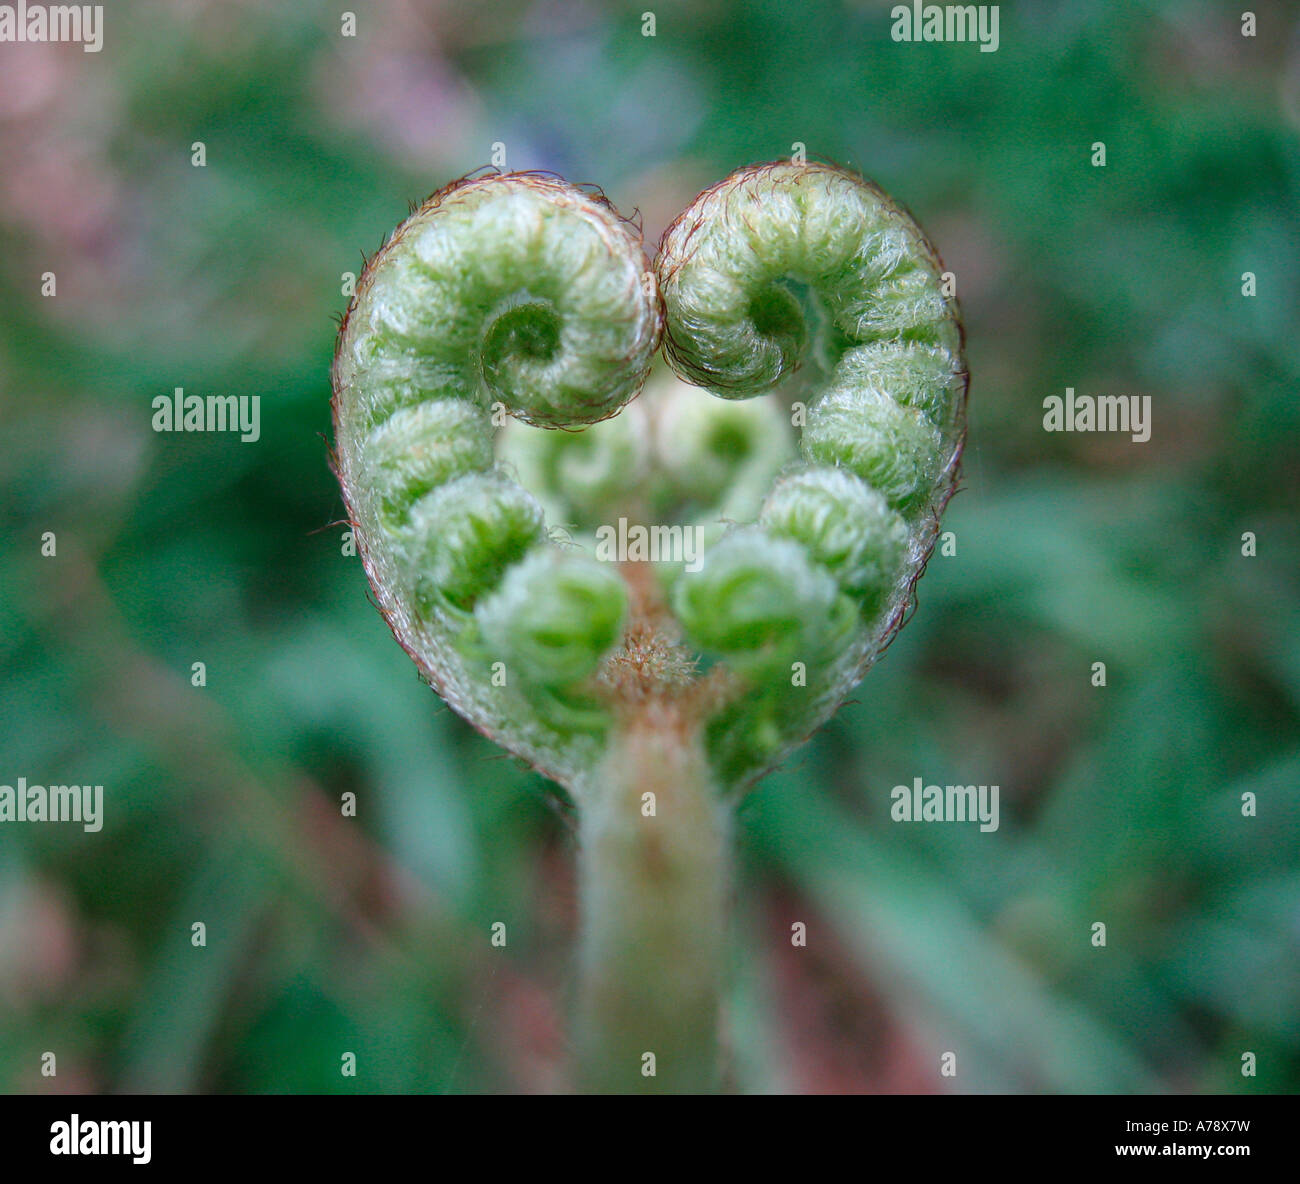 En forme de coeur une nouvelle feuille de fougère dans les premiers stades de croissance Photo Stock